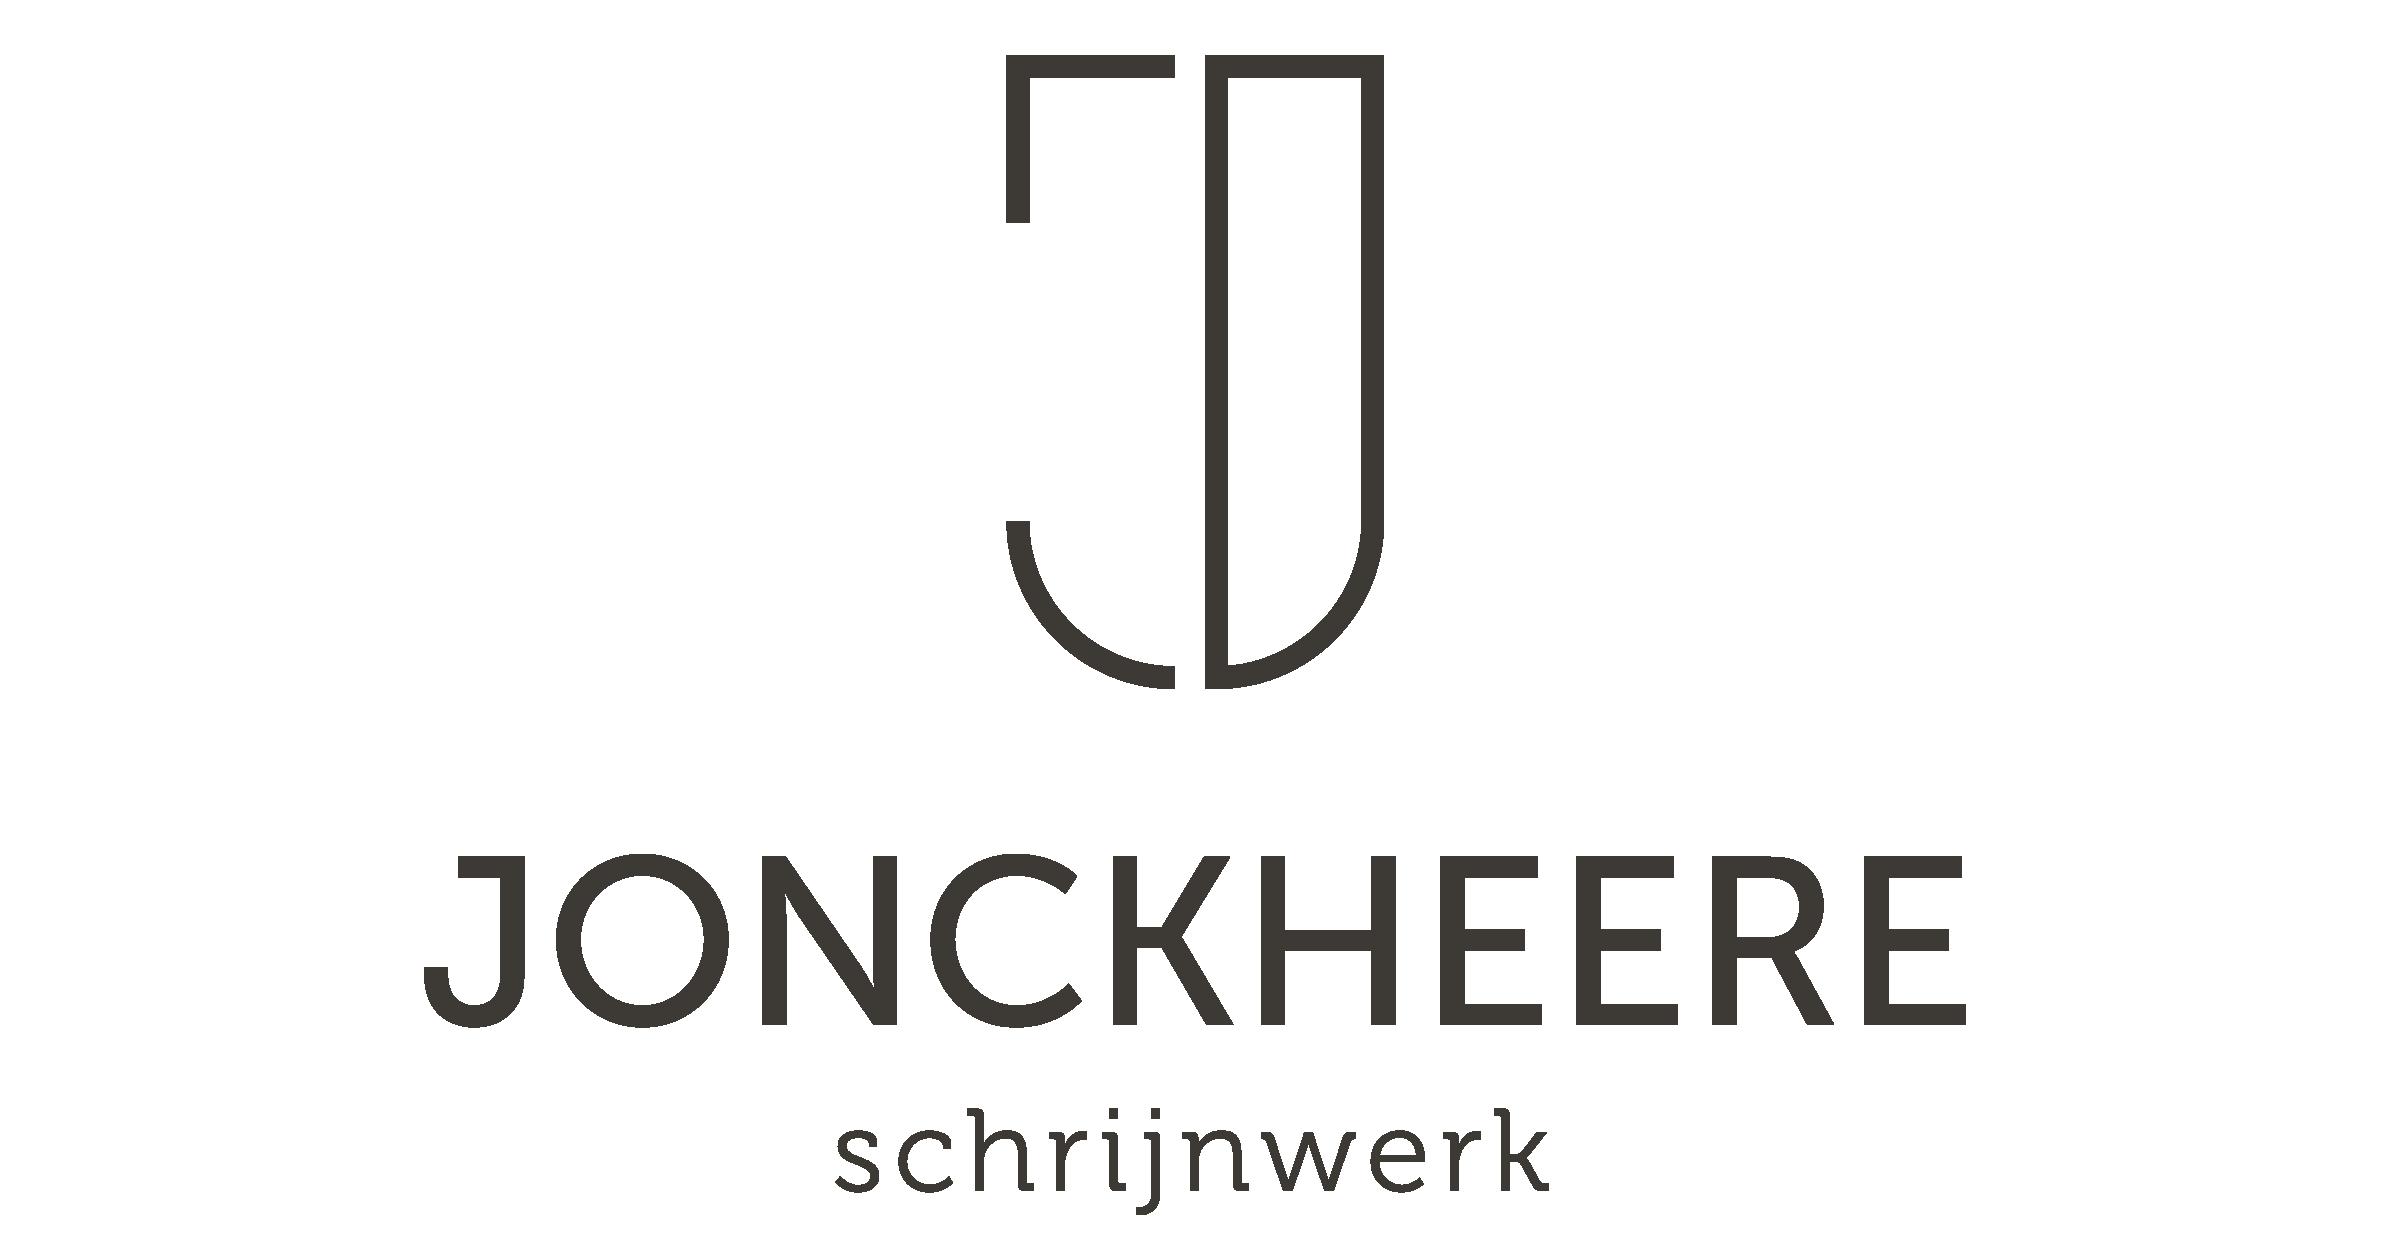 Jonckheere